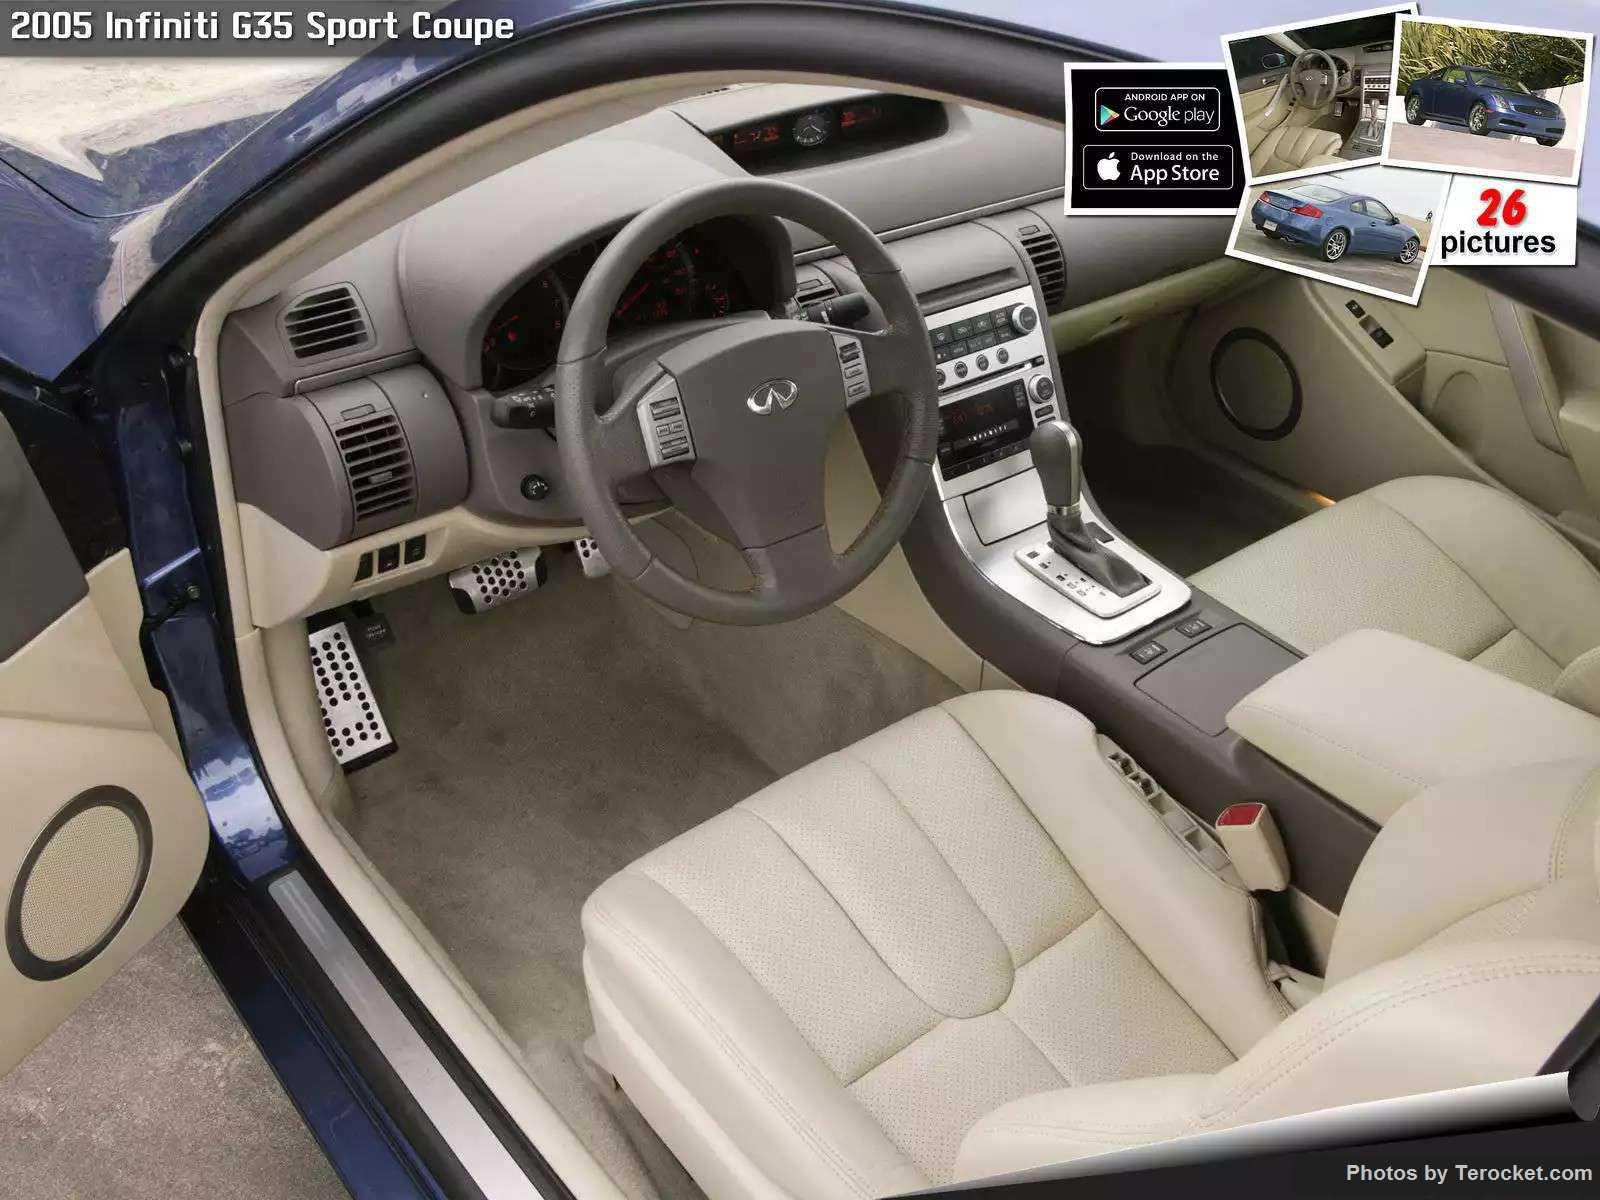 Hình ảnh xe ô tô Infiniti G35 Sport Coupe 2005 & nội ngoại thất